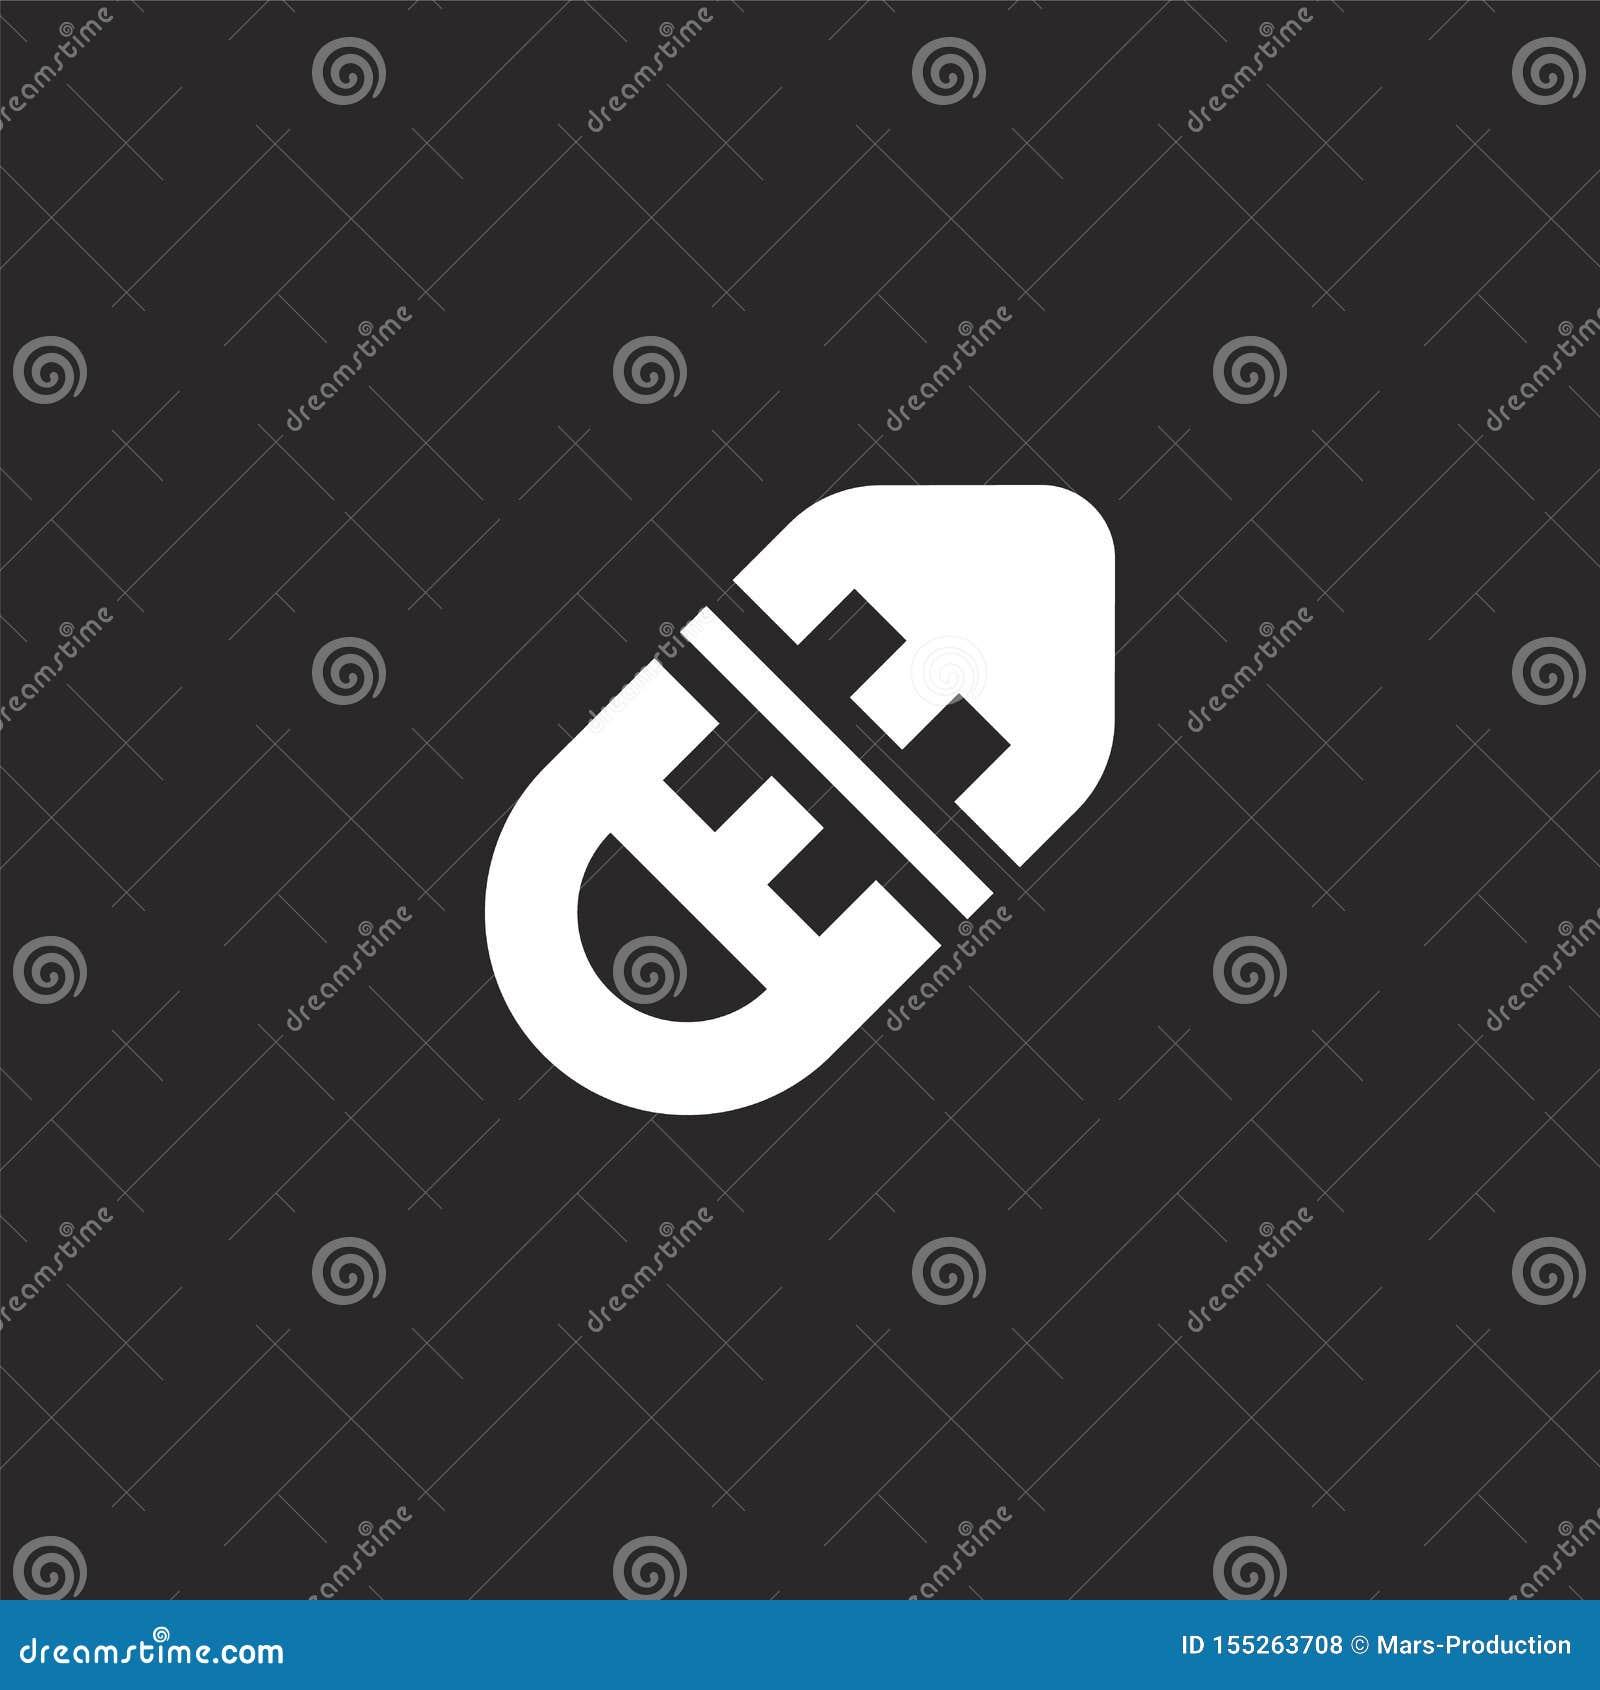 R?ddningsaktionbojsymbol Fylld räddningsaktionbojsymbol för websitedesignen och mobilen, apputveckling räddningsaktionbojsymbol f